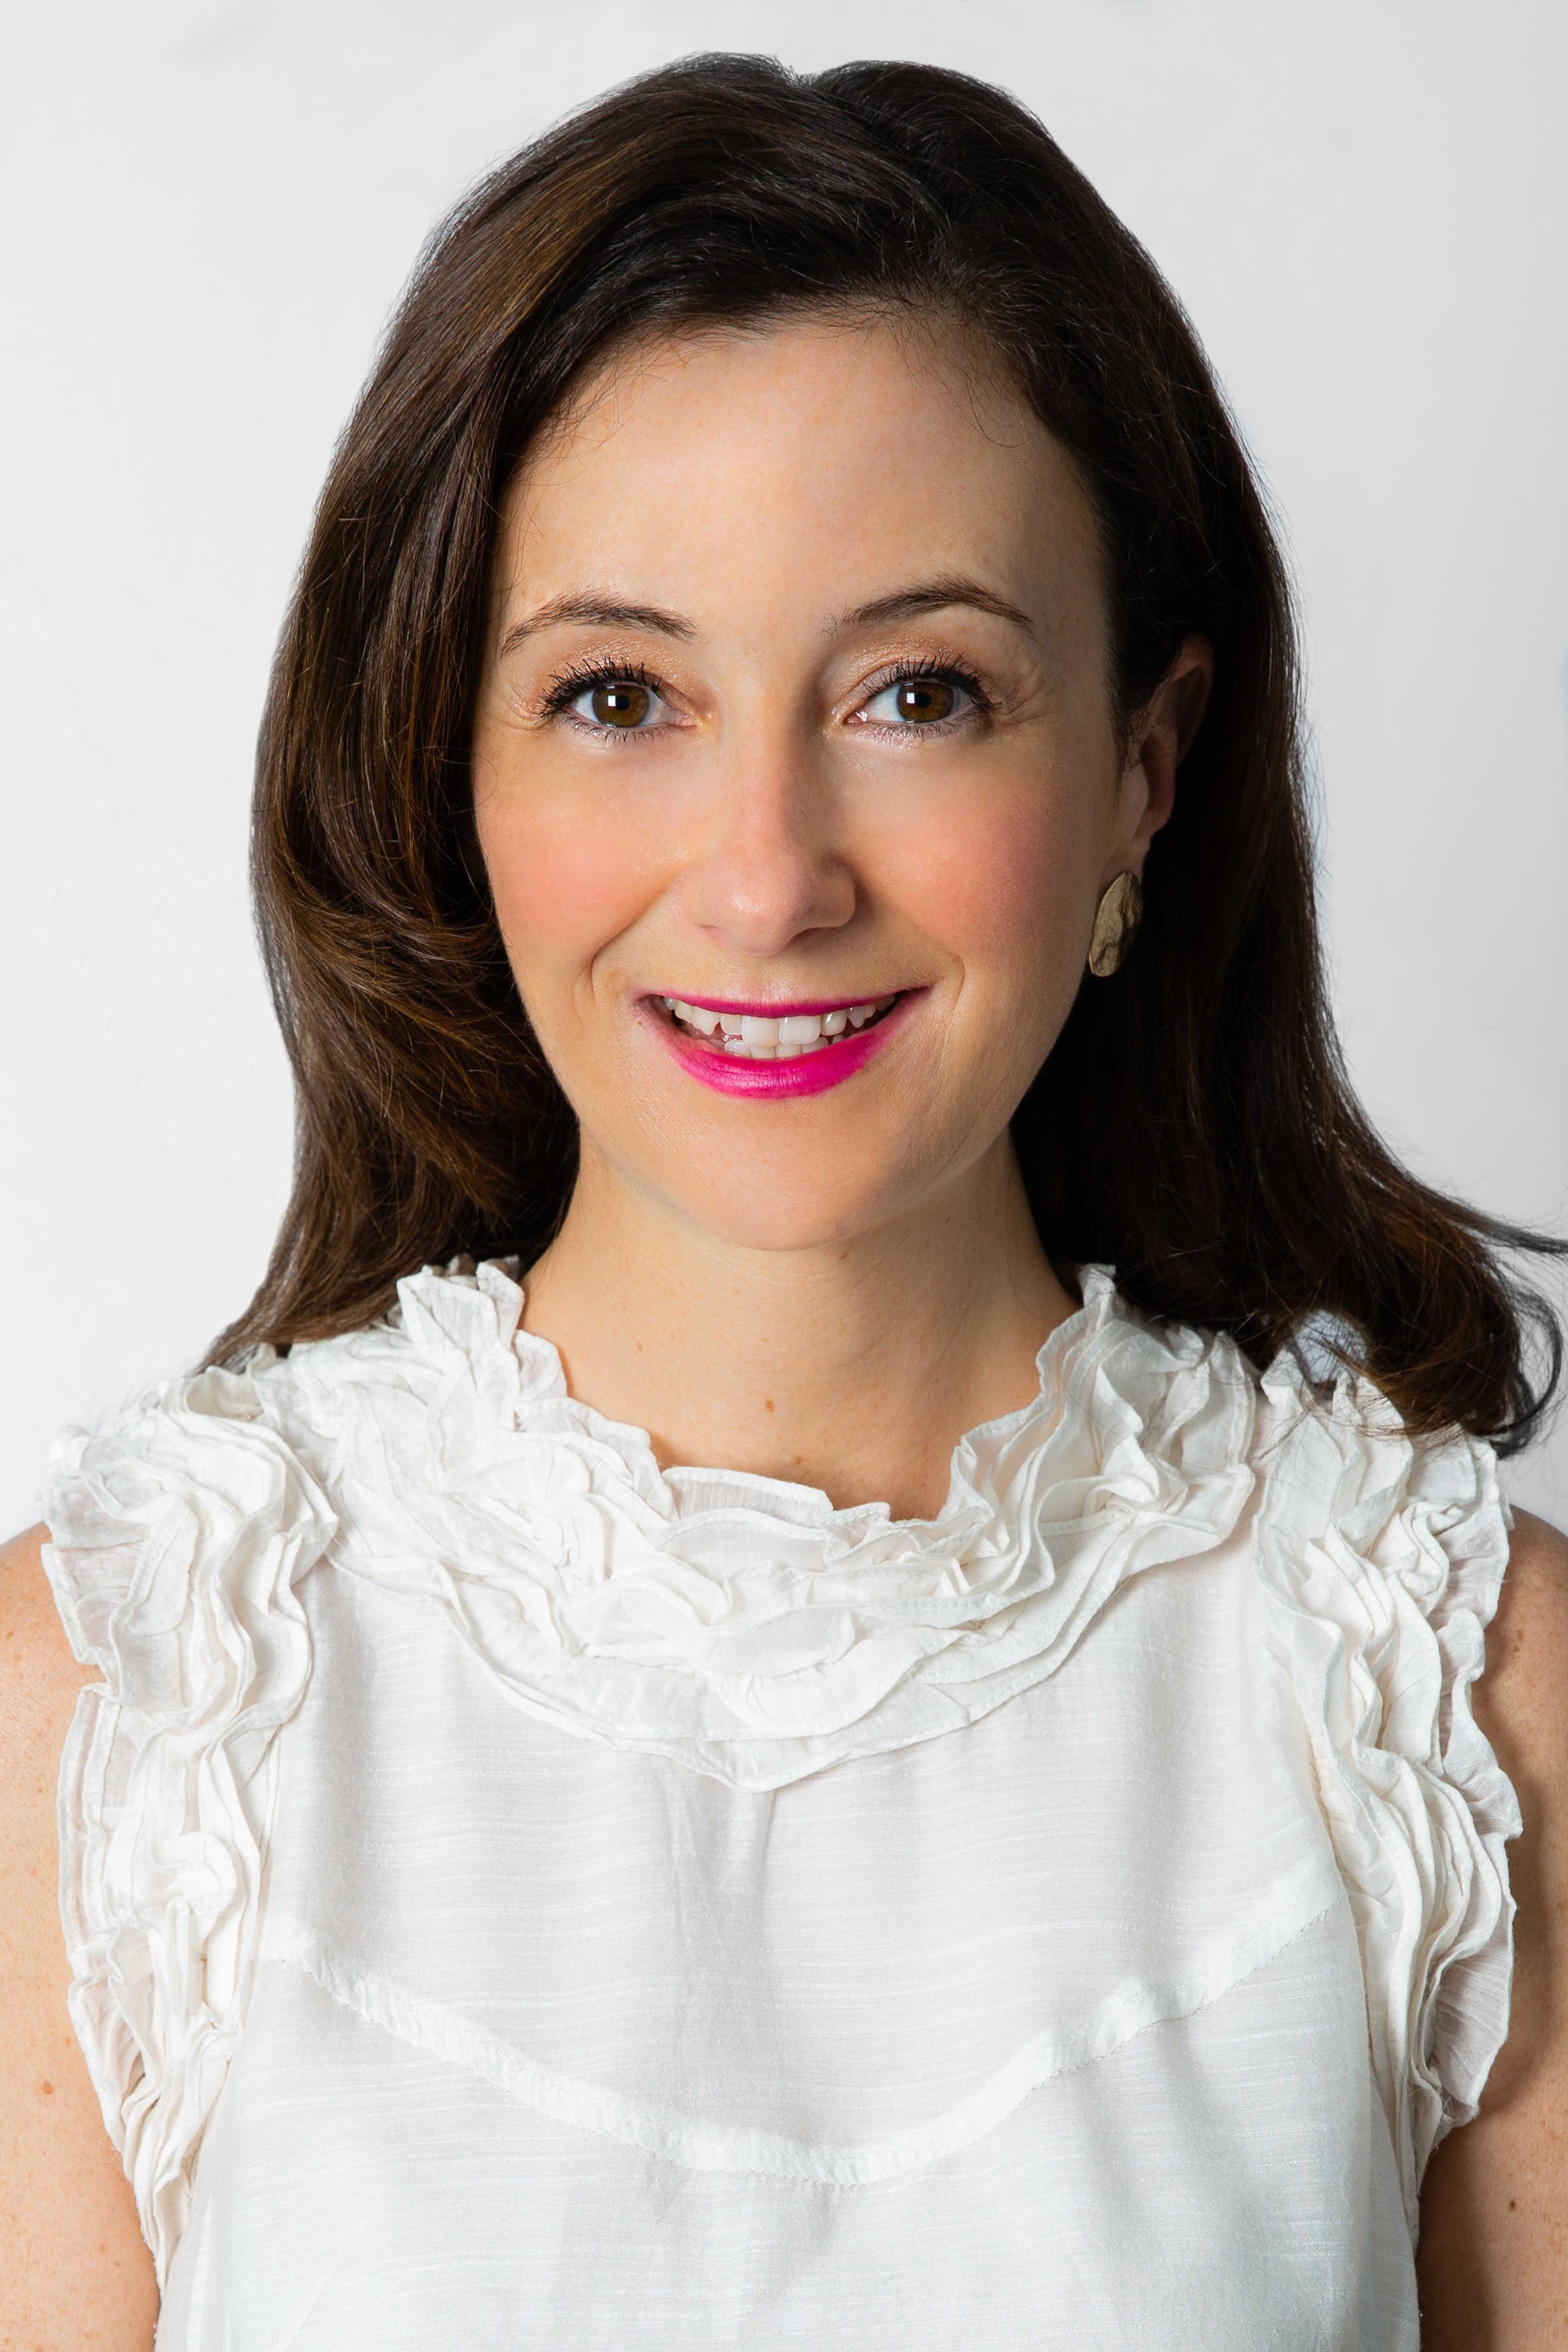 Sarah Wragg